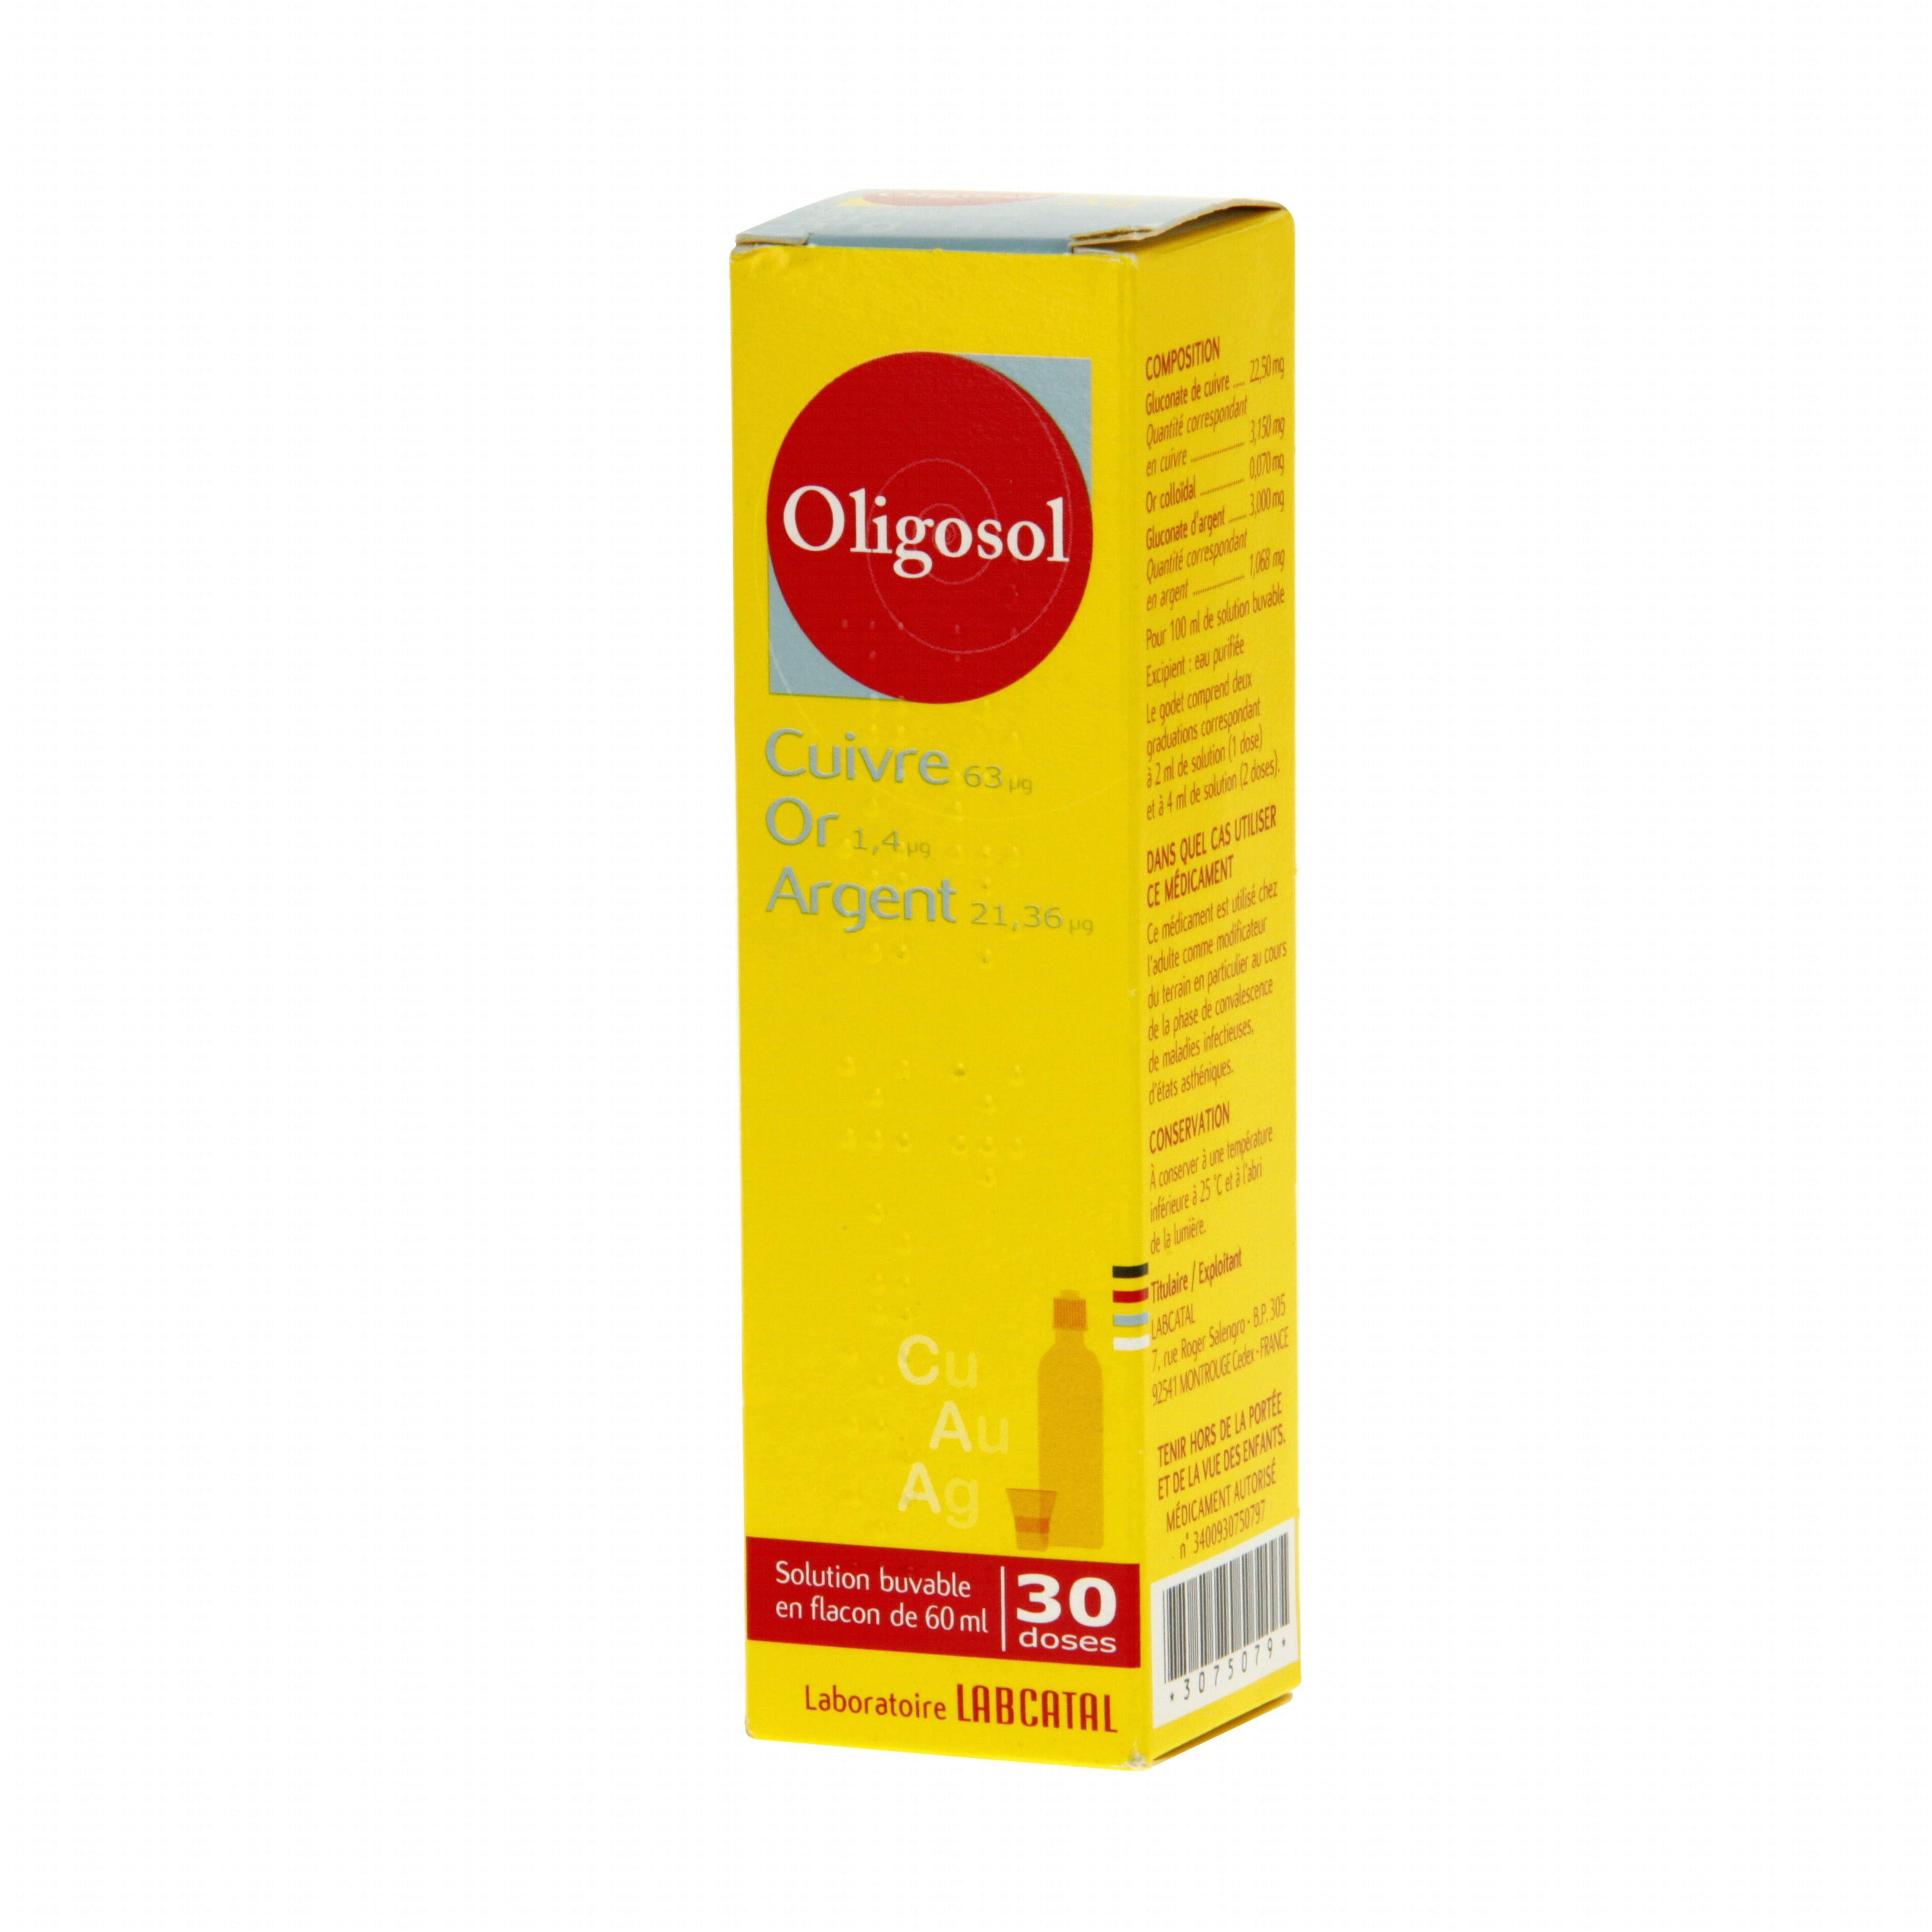 cuivre or argent oligosol flacon de 60 ml labcatal m dicament conseil pharmacie en ligne